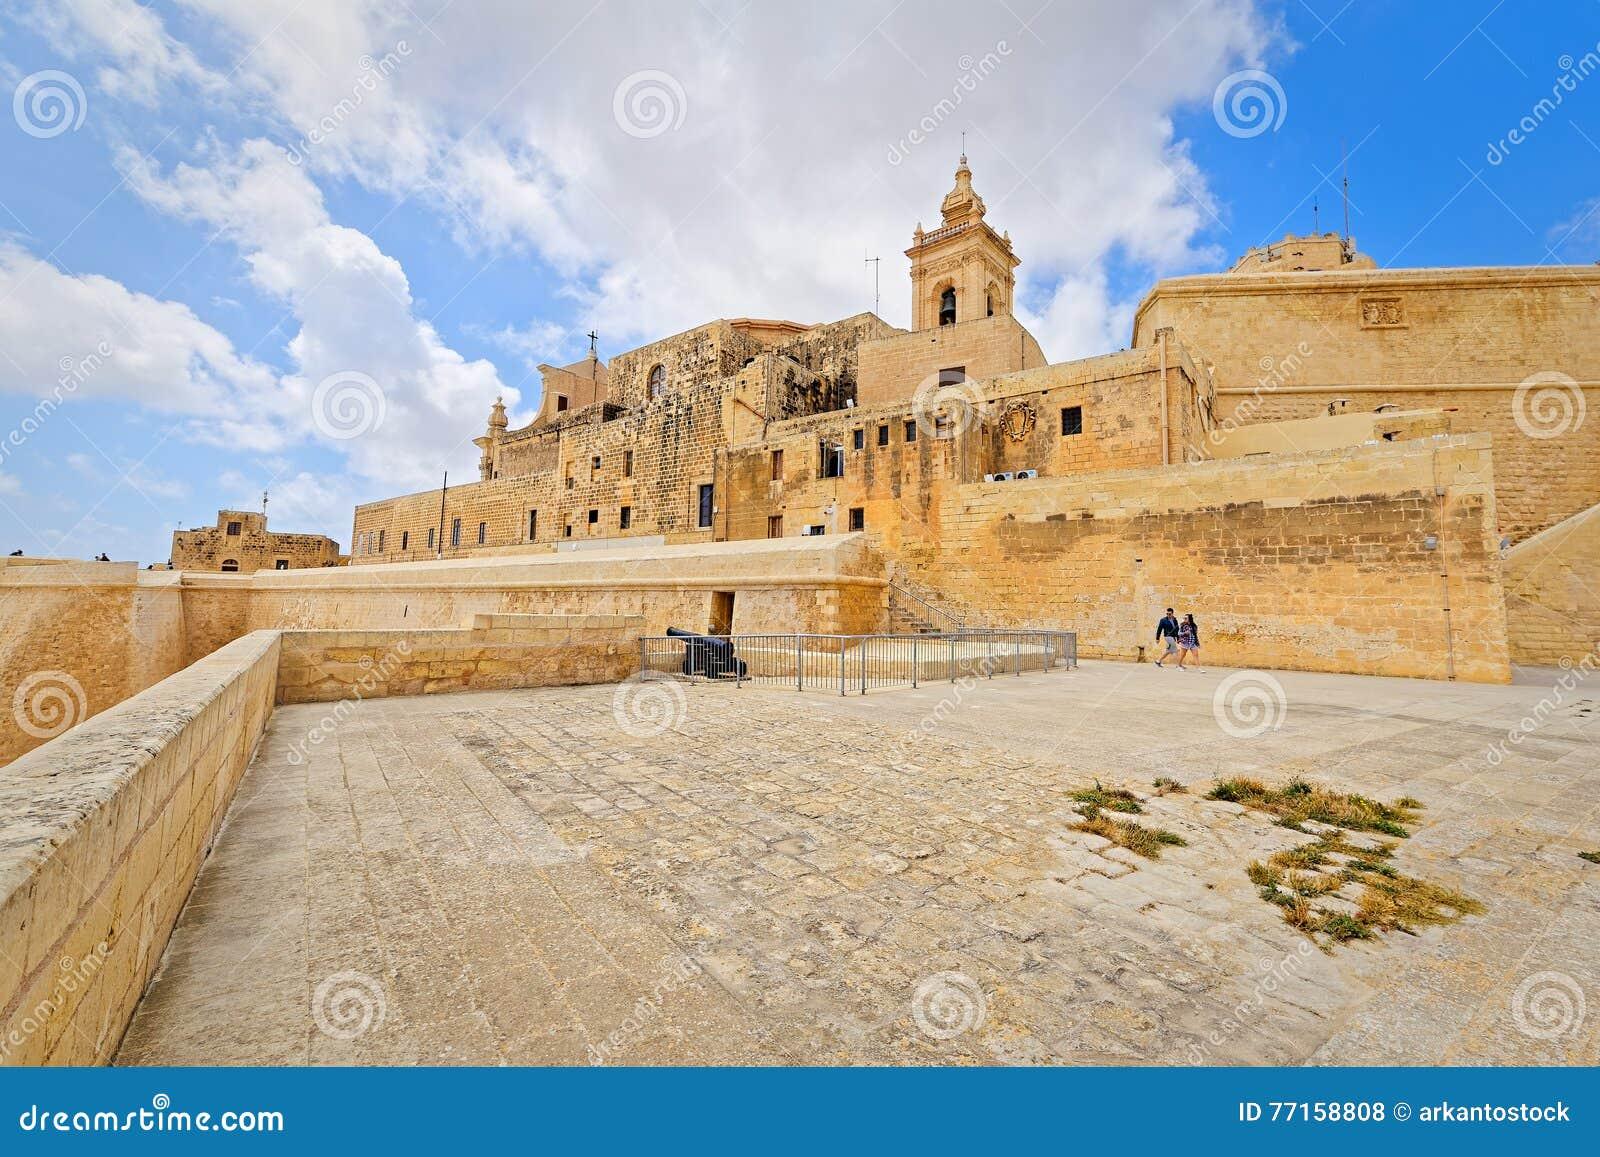 Place de forteresse de Gozo, IR-Rabat